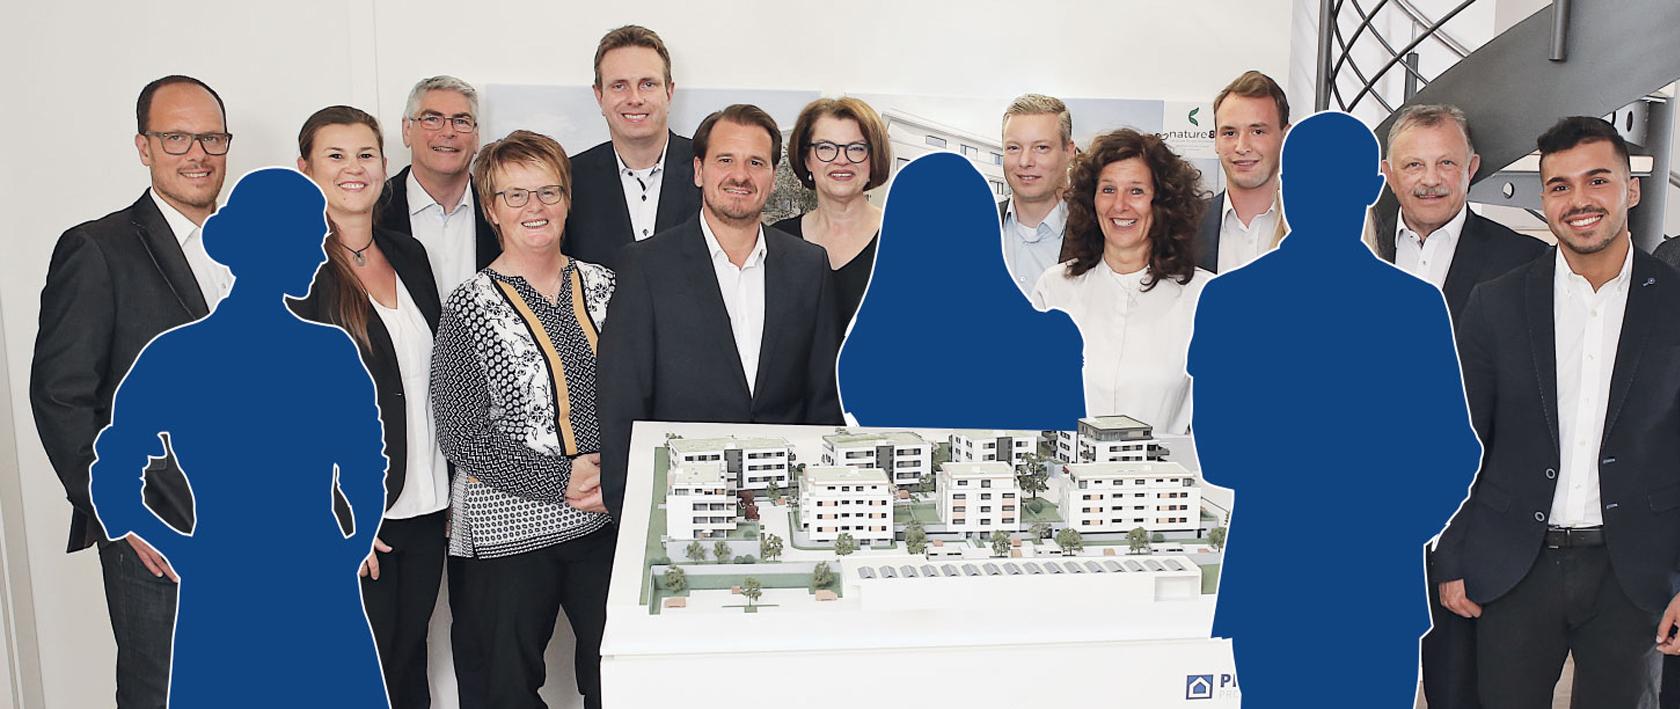 Pfleiderer Projektbau: Team